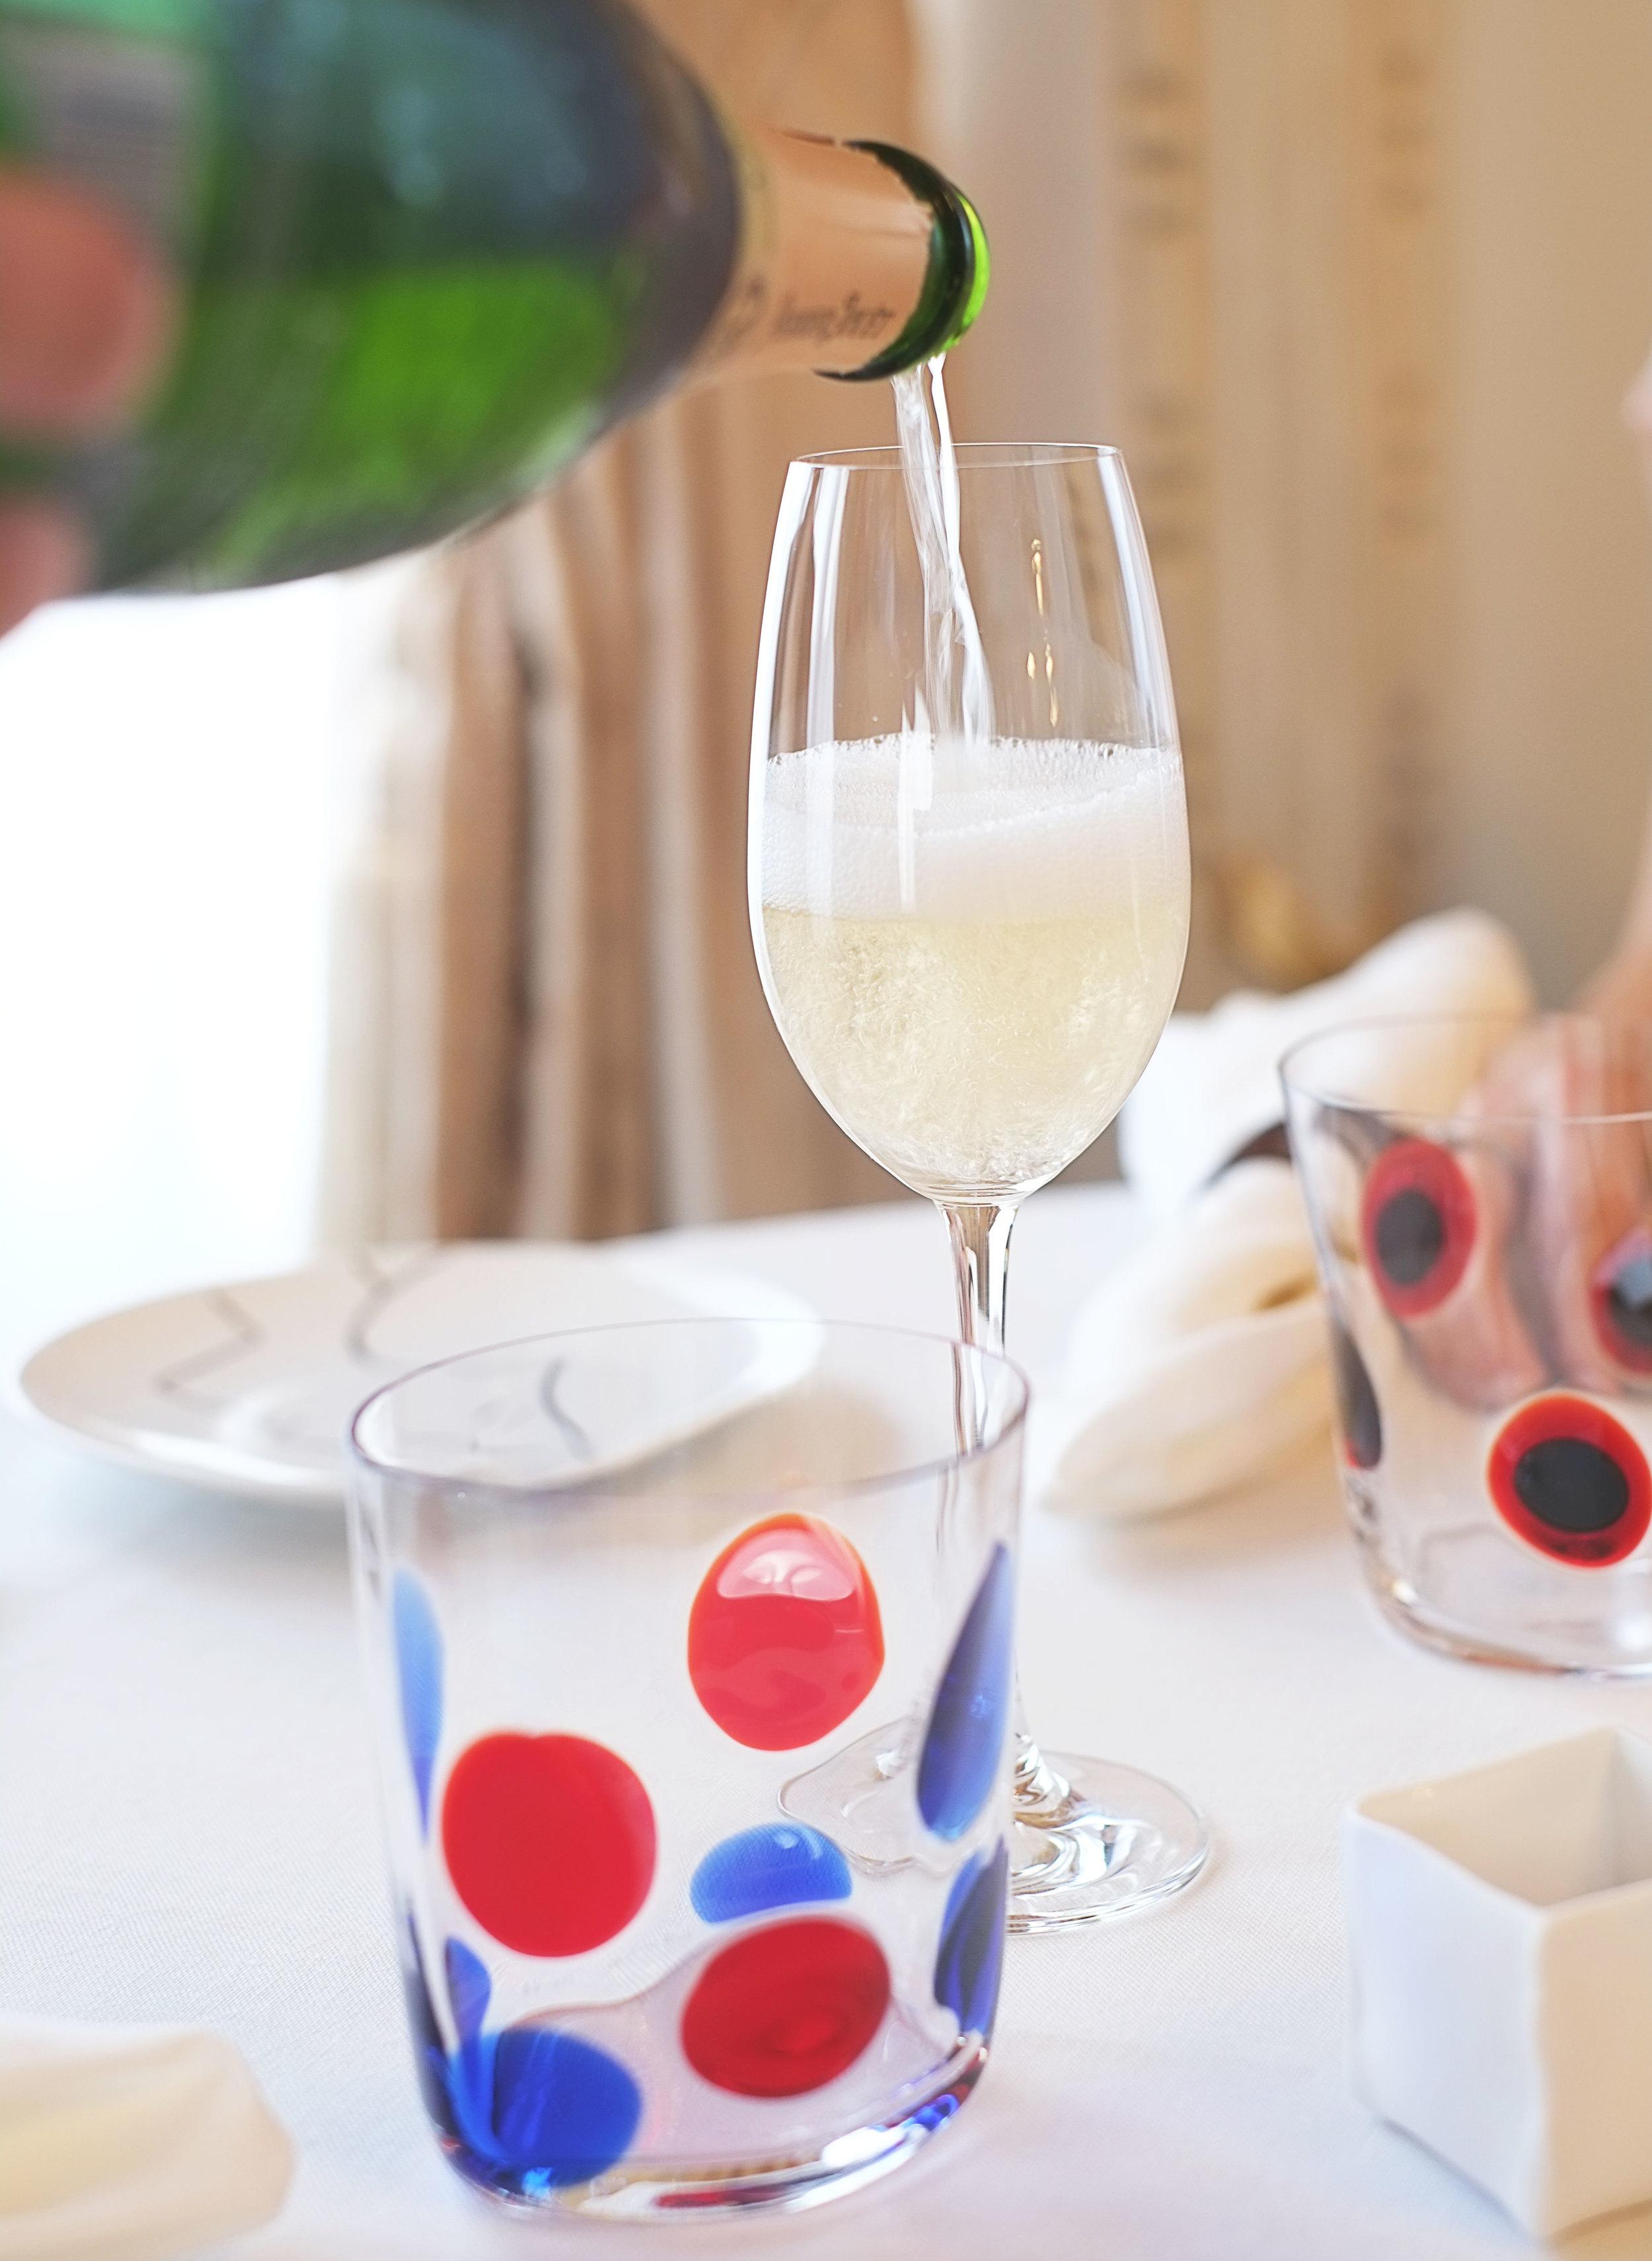 helene darroze champagne